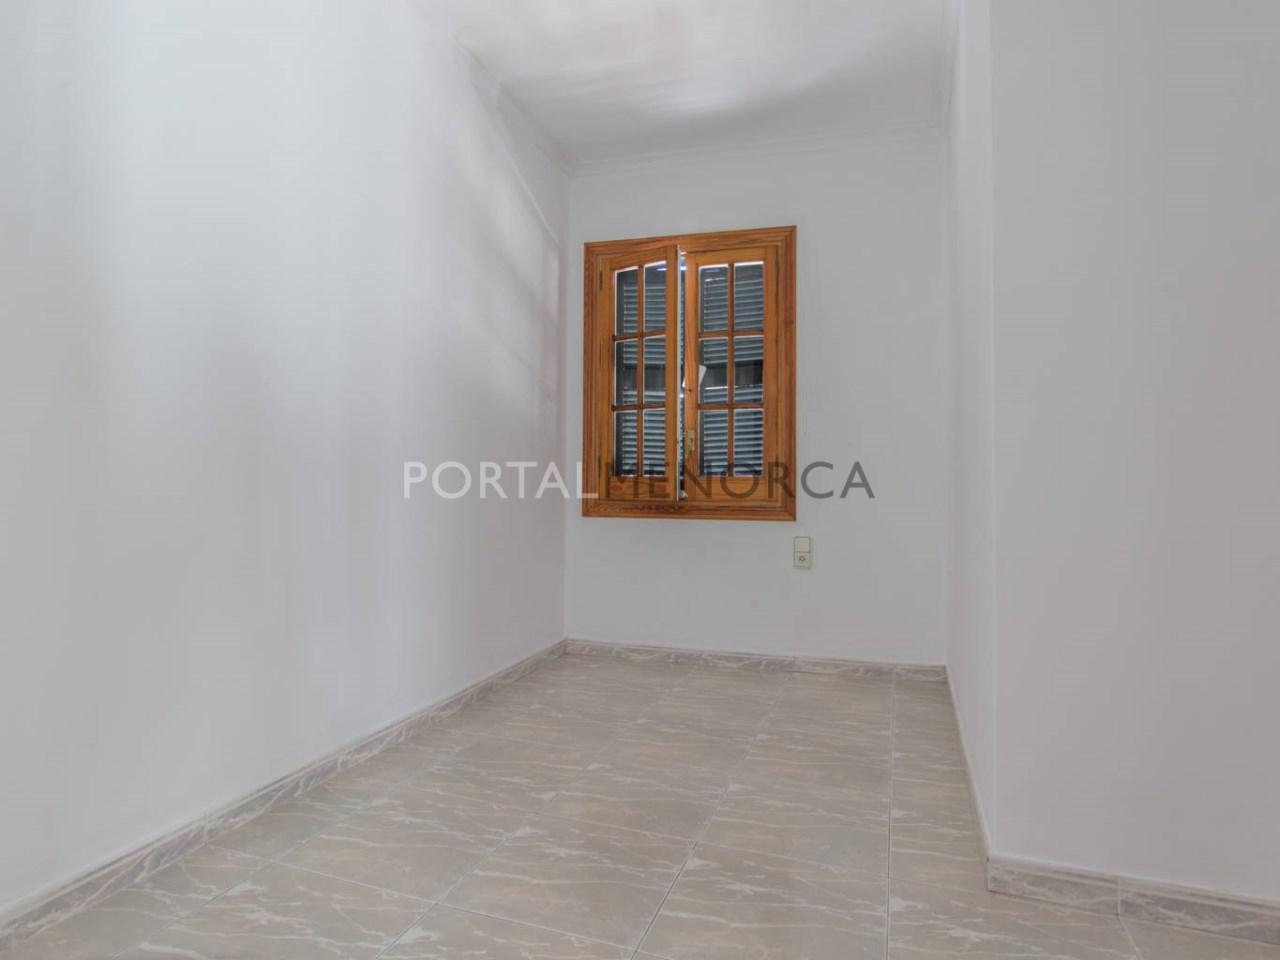 Casa en venta en Alaior (20)